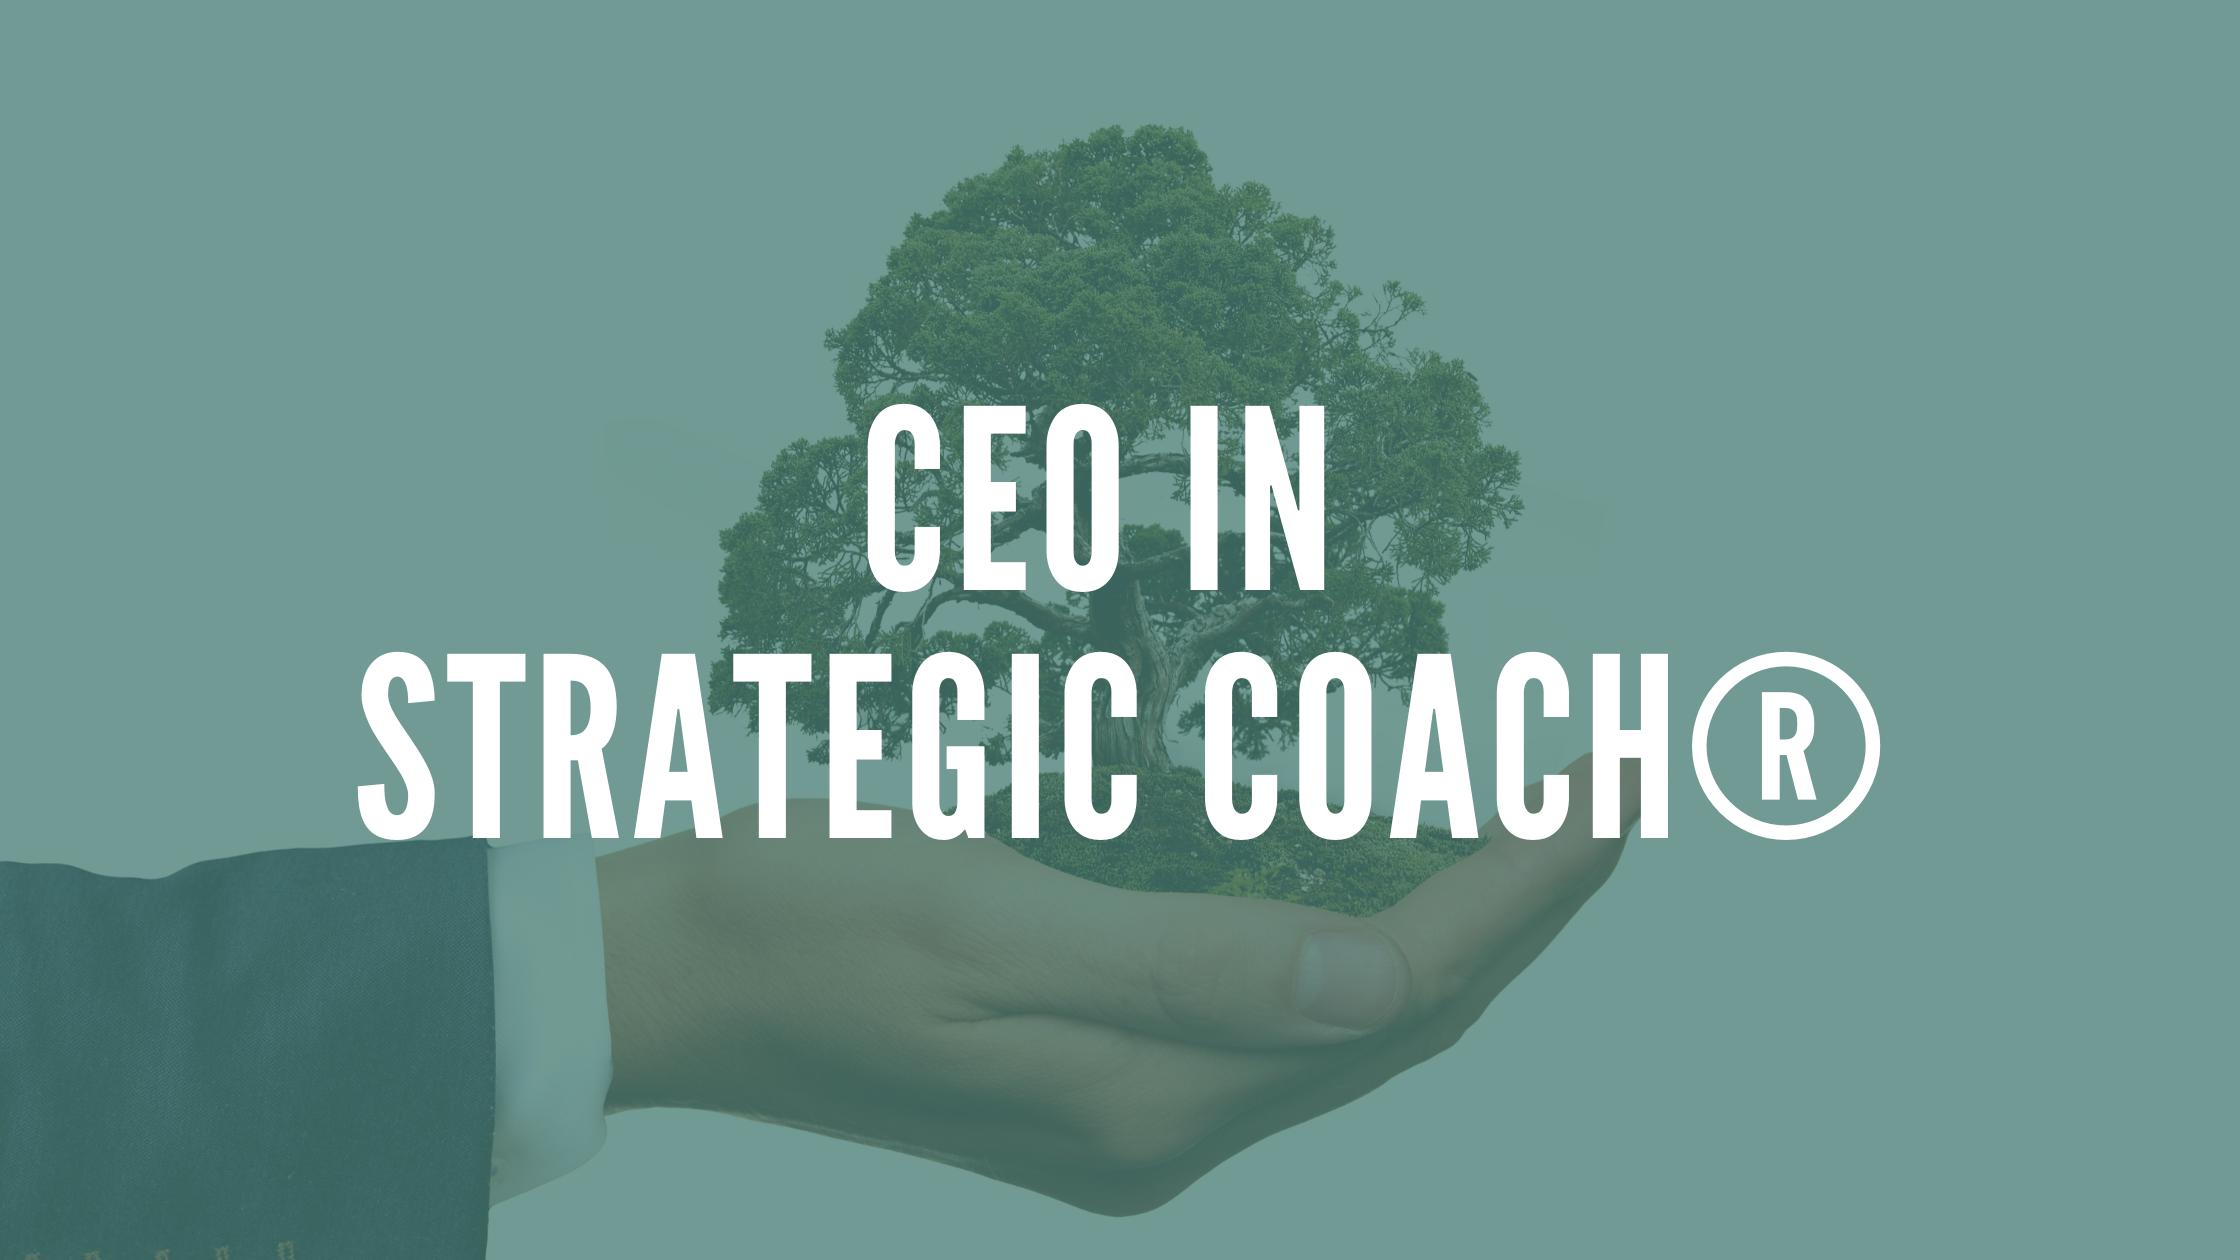 CEO in Strategic Coach®